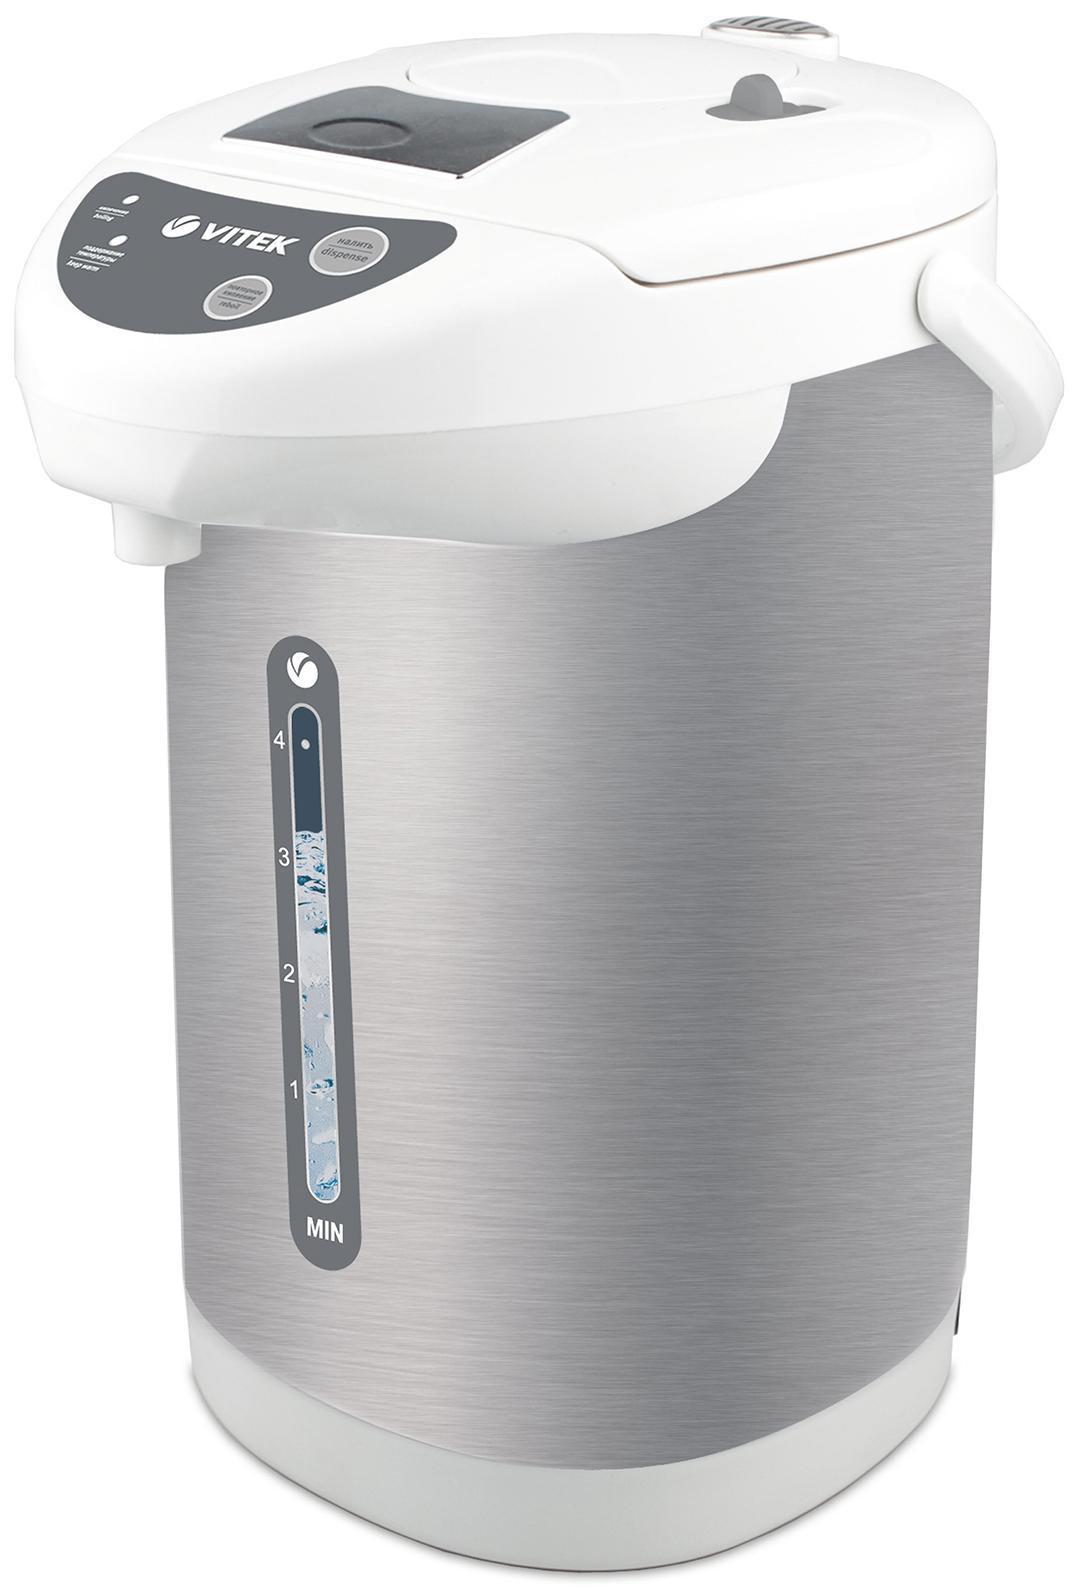 Vitek VT-1196(W) термопотVT-1196(W)Вы, ваши близкие и коллеги - большие любители чая и кофе? Вам не хватает терпения и времени ежечасно включать чайник, чтобы приготовить любимые горячие напитки дома или на работе? Тогда вашим незаменимым помощником станет термопот VT-1196 W. С резервуаром для воды объемом 4 л функциональное устройство позволит целый день наслаждаться вкуснейшим чаем или кофе! Для того, чтобы получить данное количество кипятка, вам стоит лишь нажать на соответствующую кнопку. Главное преимущество термопота в том, что в течение всего дня вода останется горячей: так вы экономите не только силы, но и электроэнергию. Если термопот находится в режиме поддержания температуры, то в действие приводится функция повторного кипячения. Налить горячую воду в чашку вы можете без усилий: вы можете использовать как ручную, так и автоматическую подачу воды. Контролировать количество воды в термопоте возможно при помощи специальной прозрачной шкалы с метками, благодаря которой вы определите уровень воды в резервуаре.